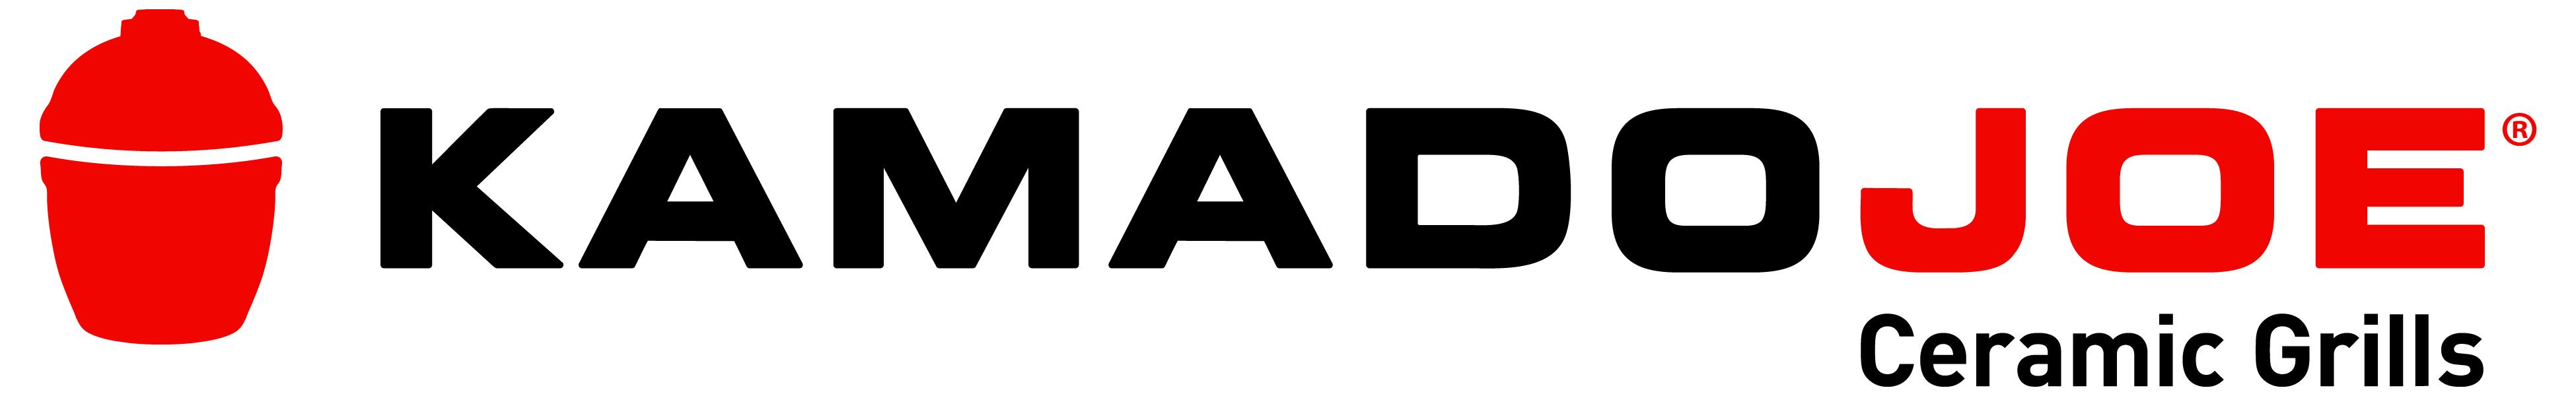 kjo-logo-embers.jpg